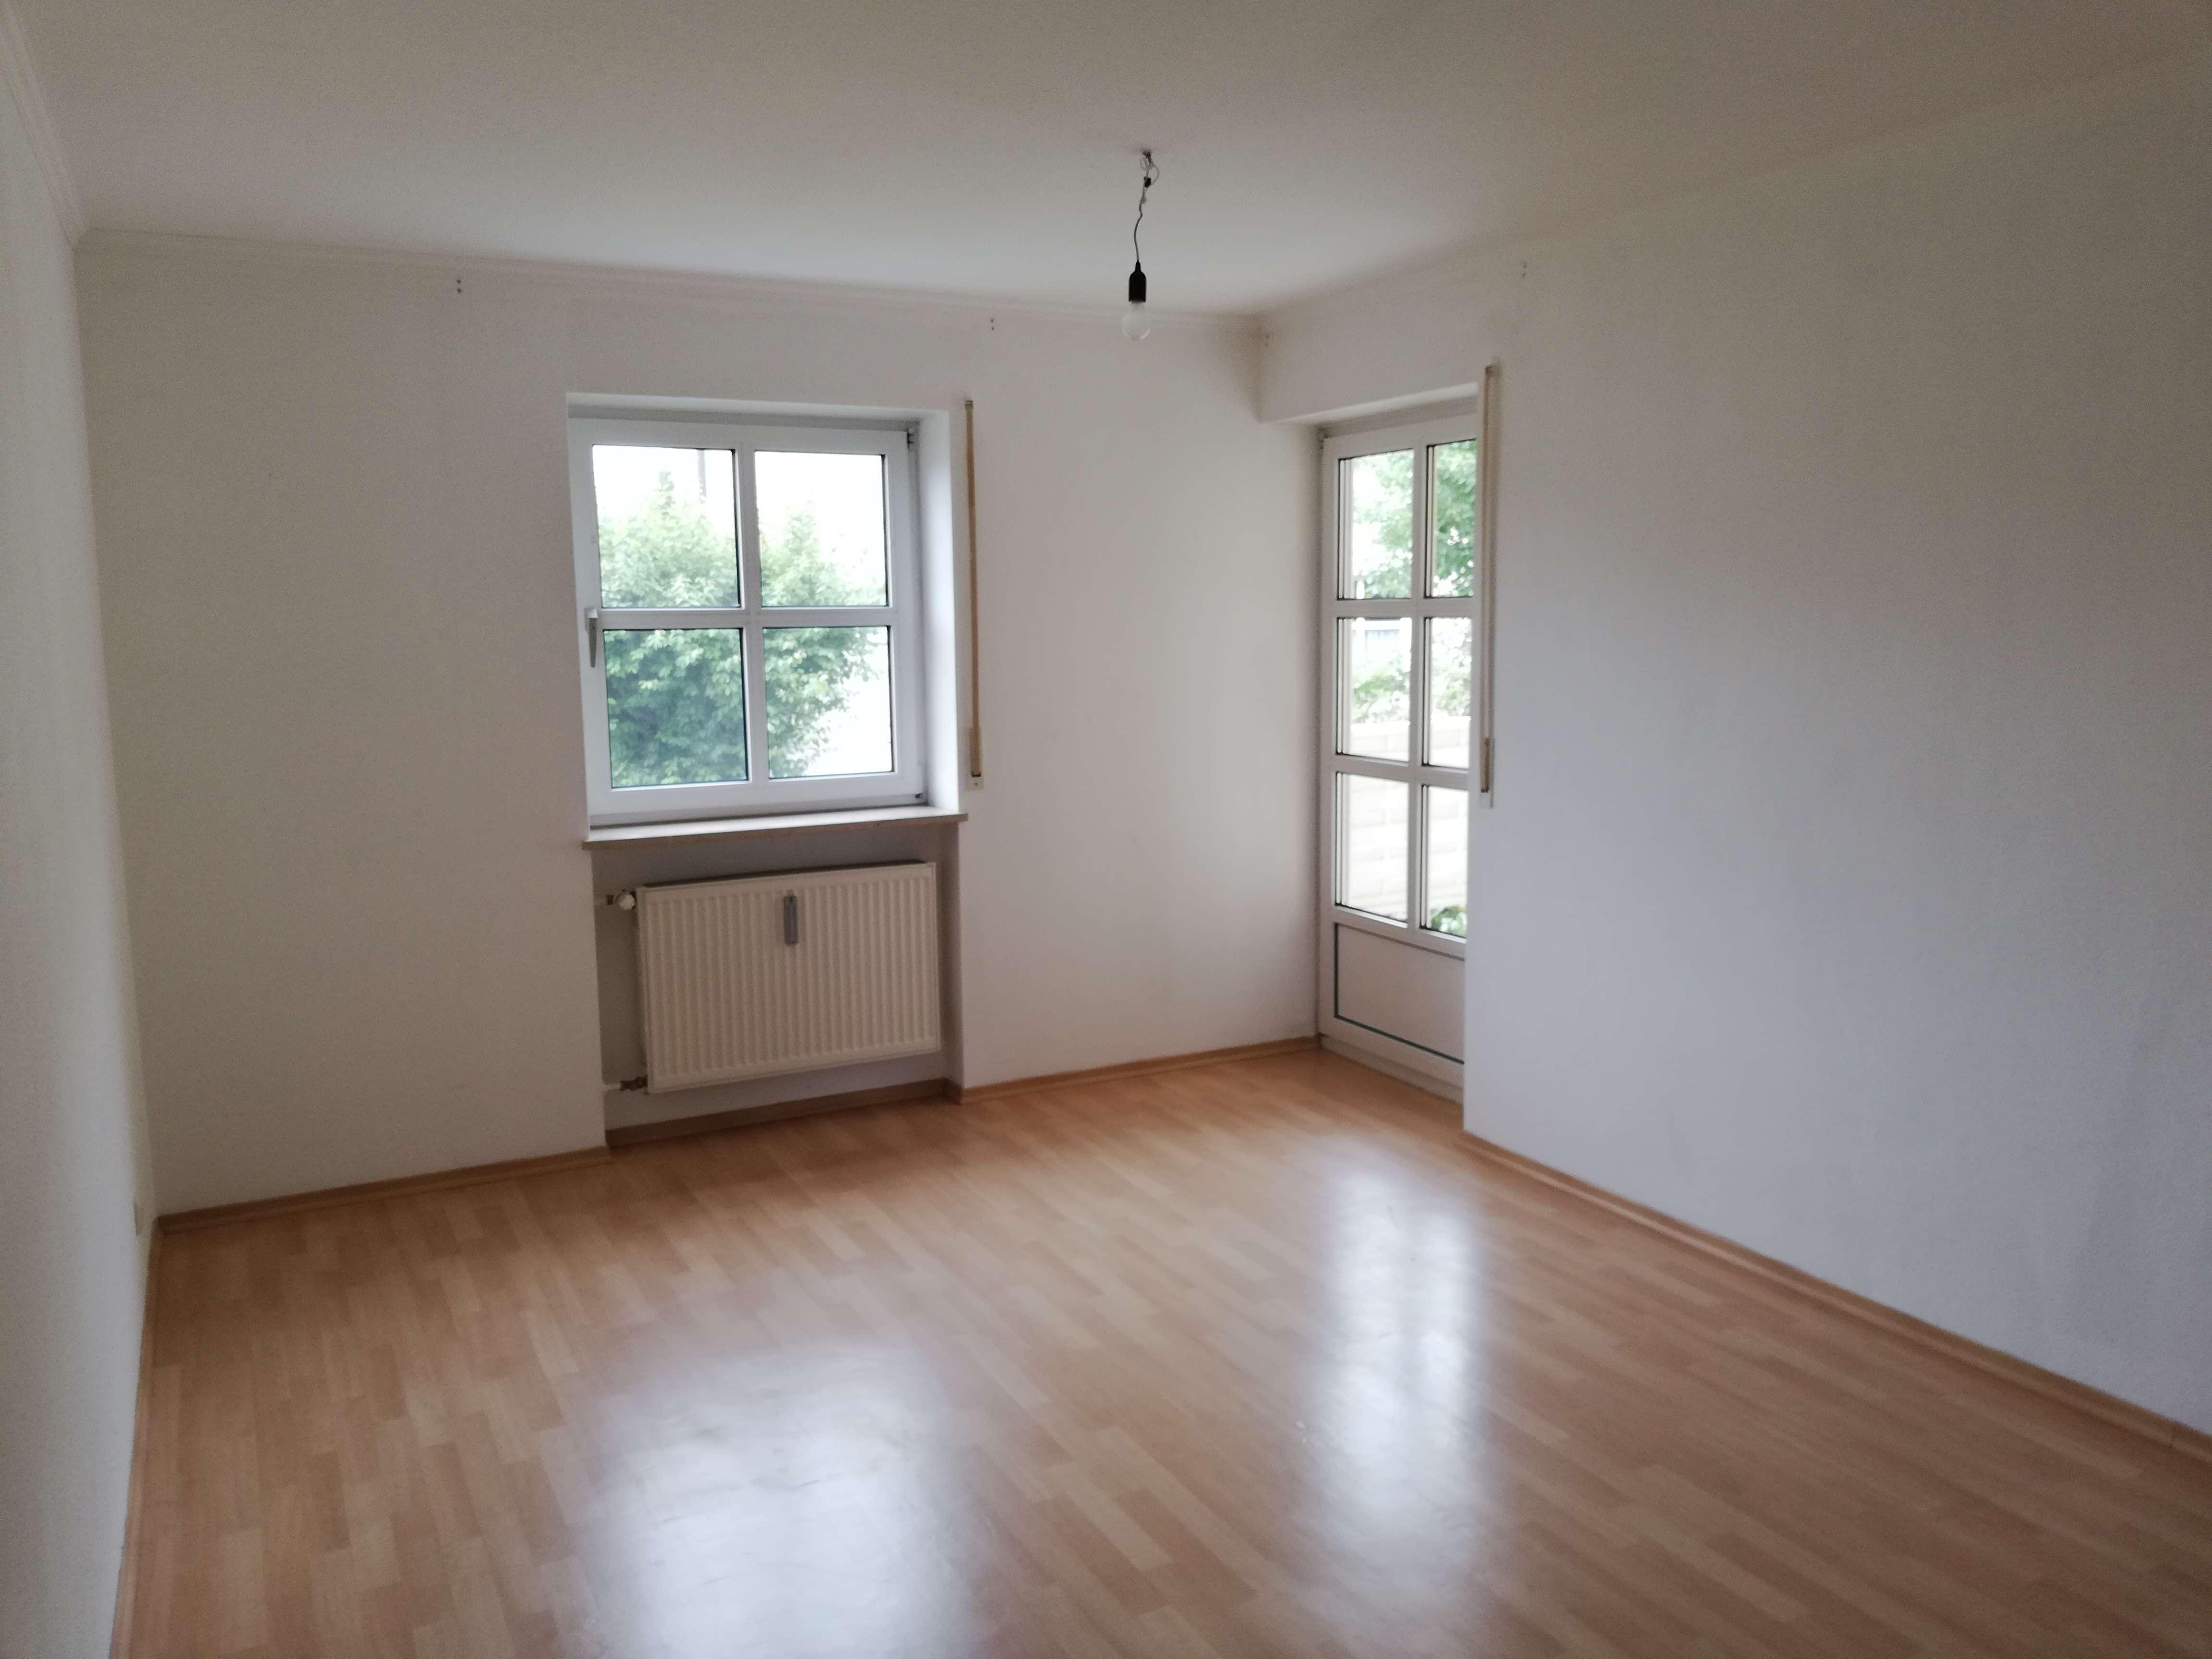 Gepflegte EG-Wohnung mit zwei Zimmern und Terrasse in Pocking in